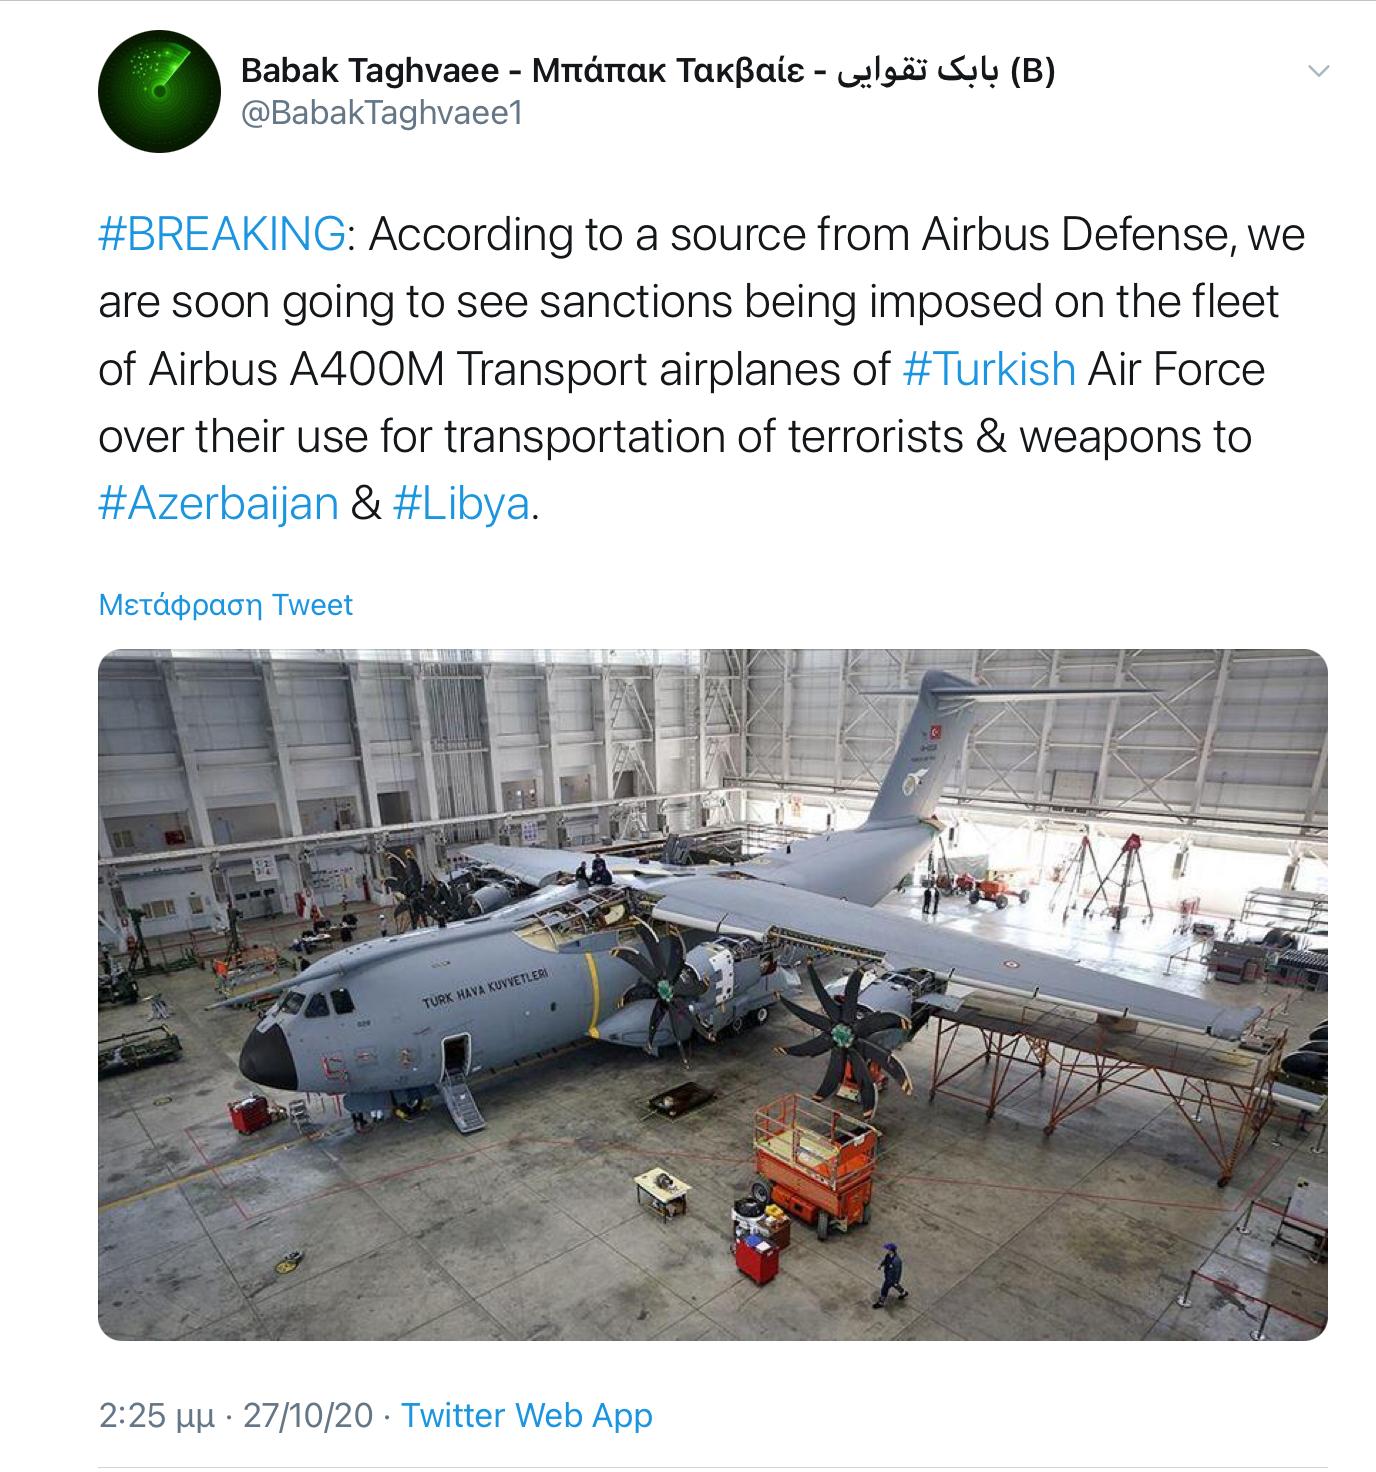 Η AIrbus σκέφτεται να επιβάλει κυρώσεις στην Τουρκία στον στόλο των μεταγωγικών αεροσκαφών Α400 Μ